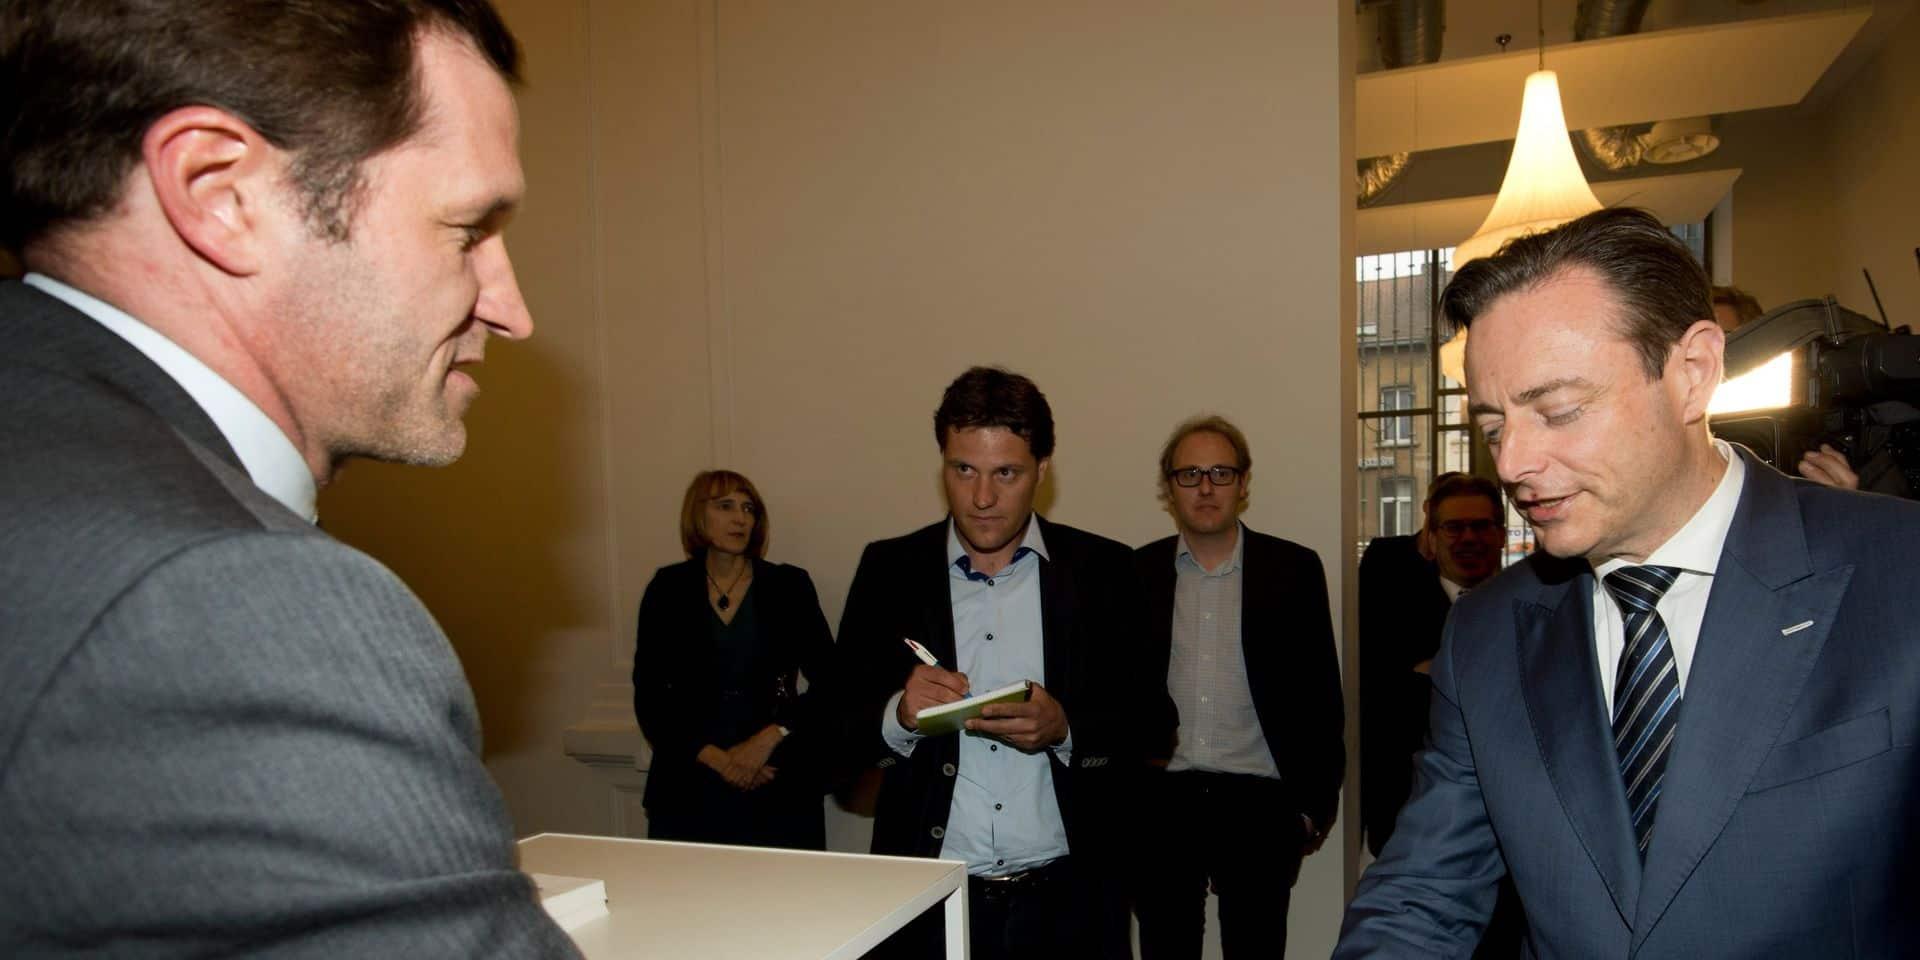 Formation fédérale: Magnette a rencontré De Wever samedi soir